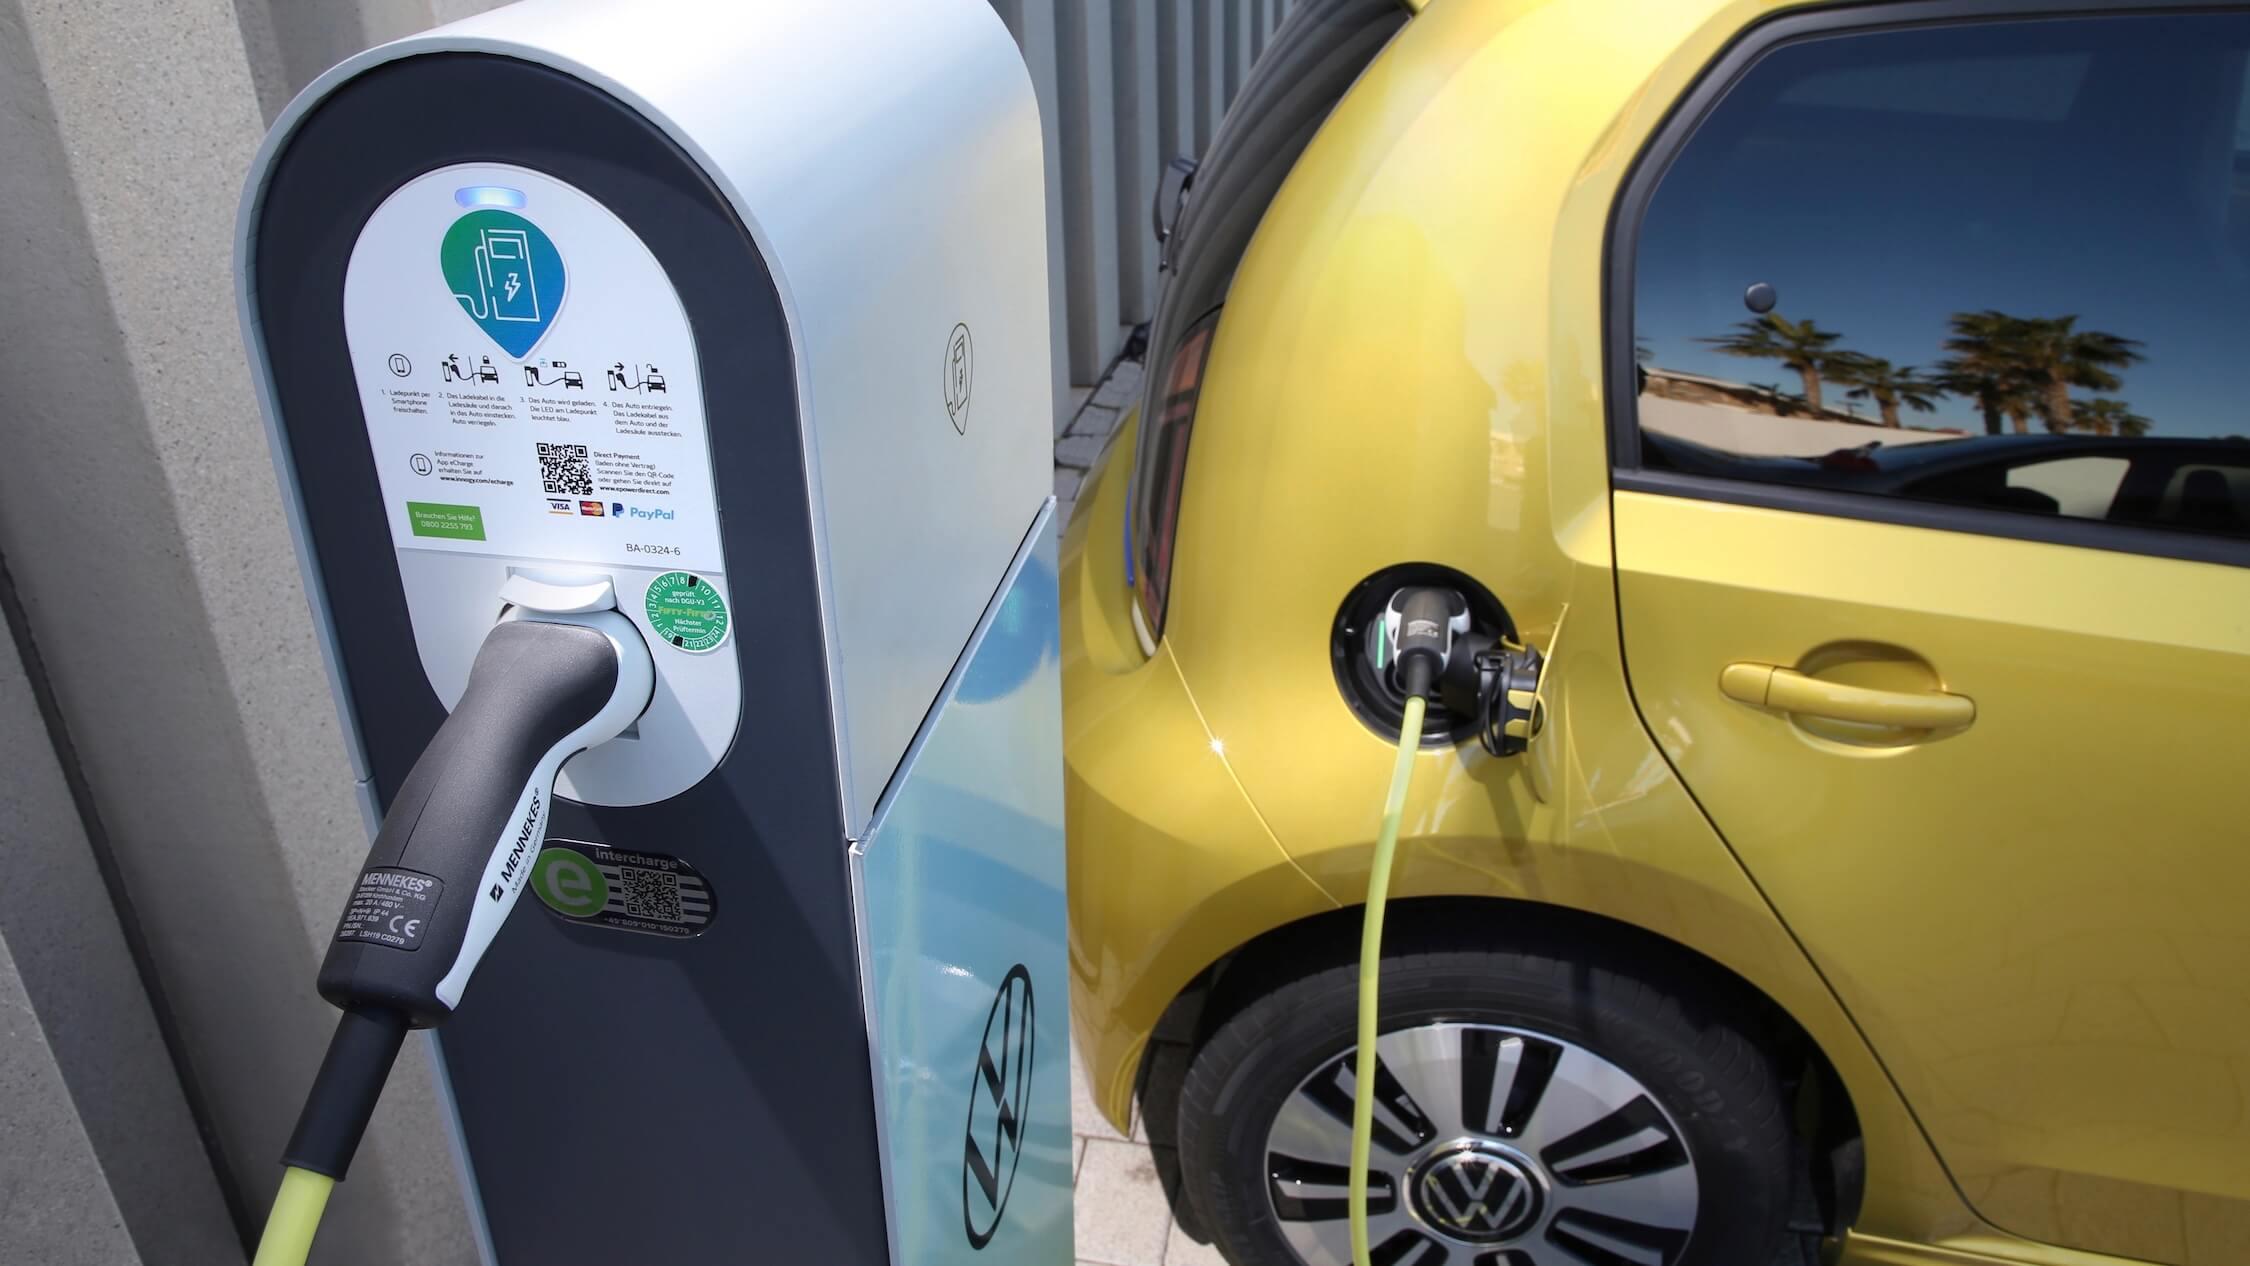 Elektrische Volkswagen e-Up aan laadpaal